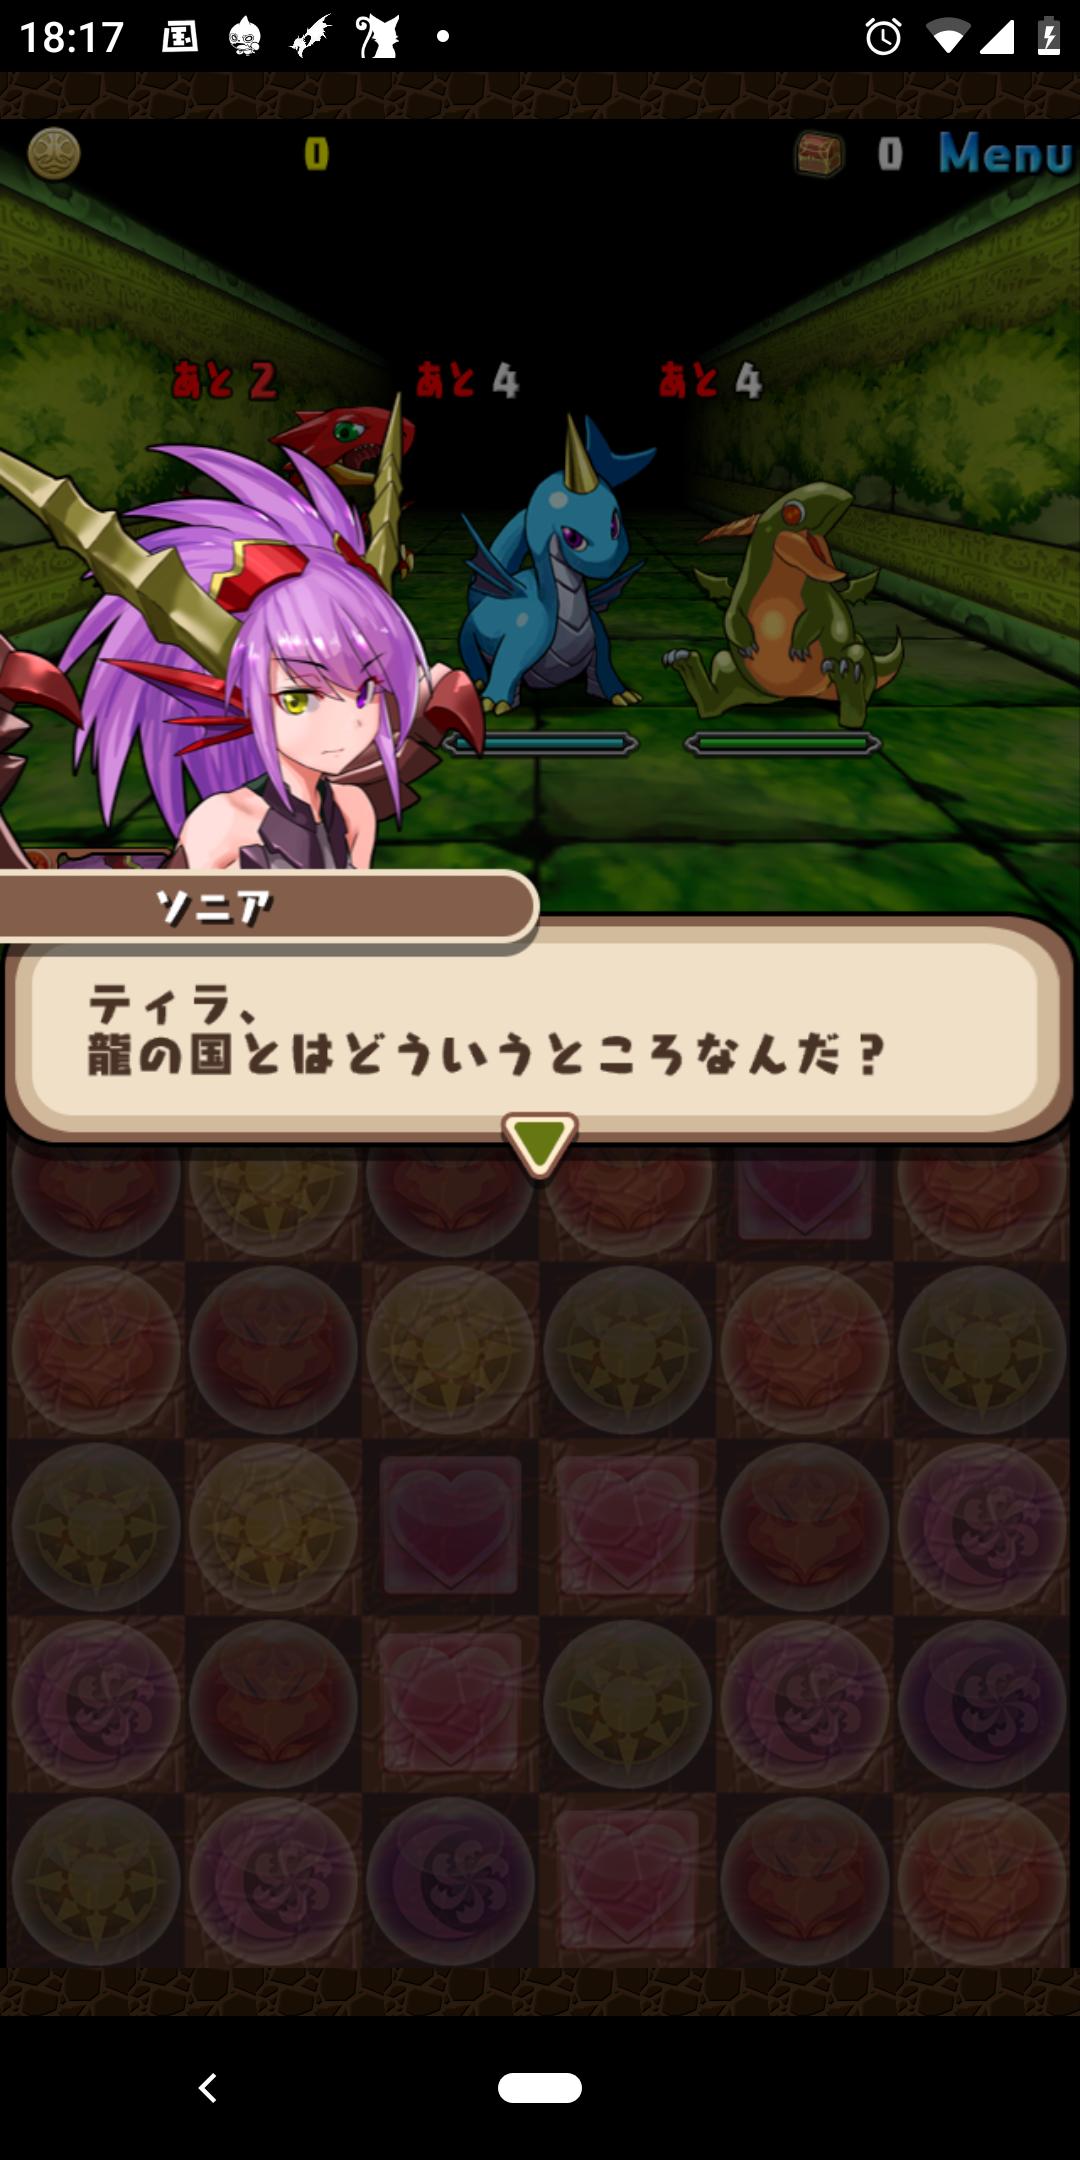 ソニア 編 パズドラ